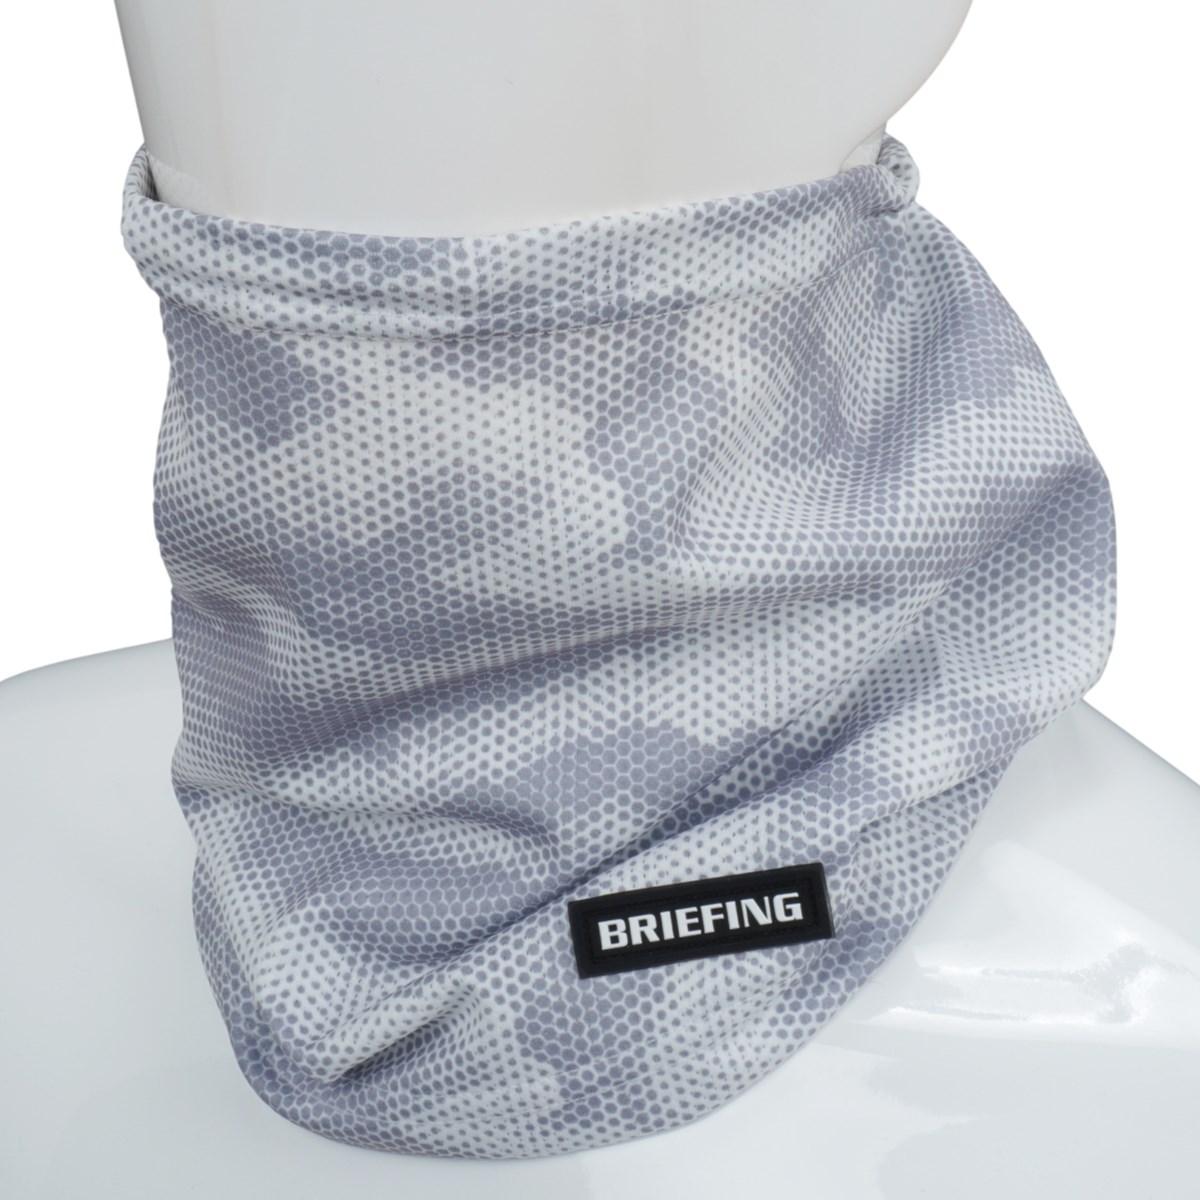 ブリーフィング BRIEFING カモネックガイザー ホワイト 000